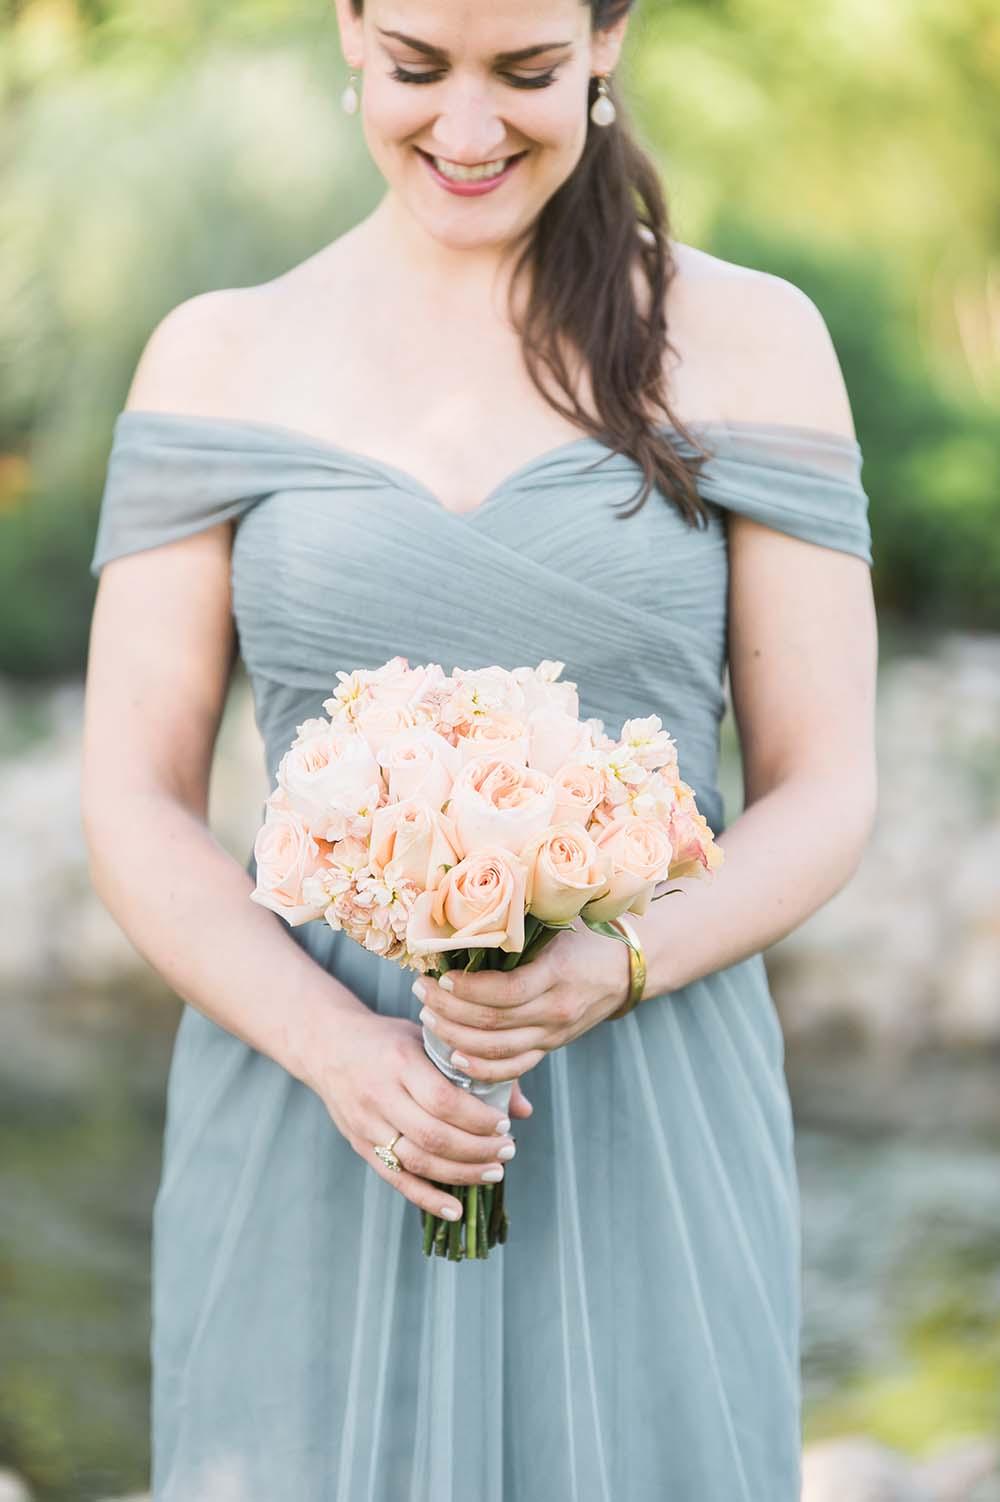 farmington-gardens-wedding-greg-lewis-photography-18